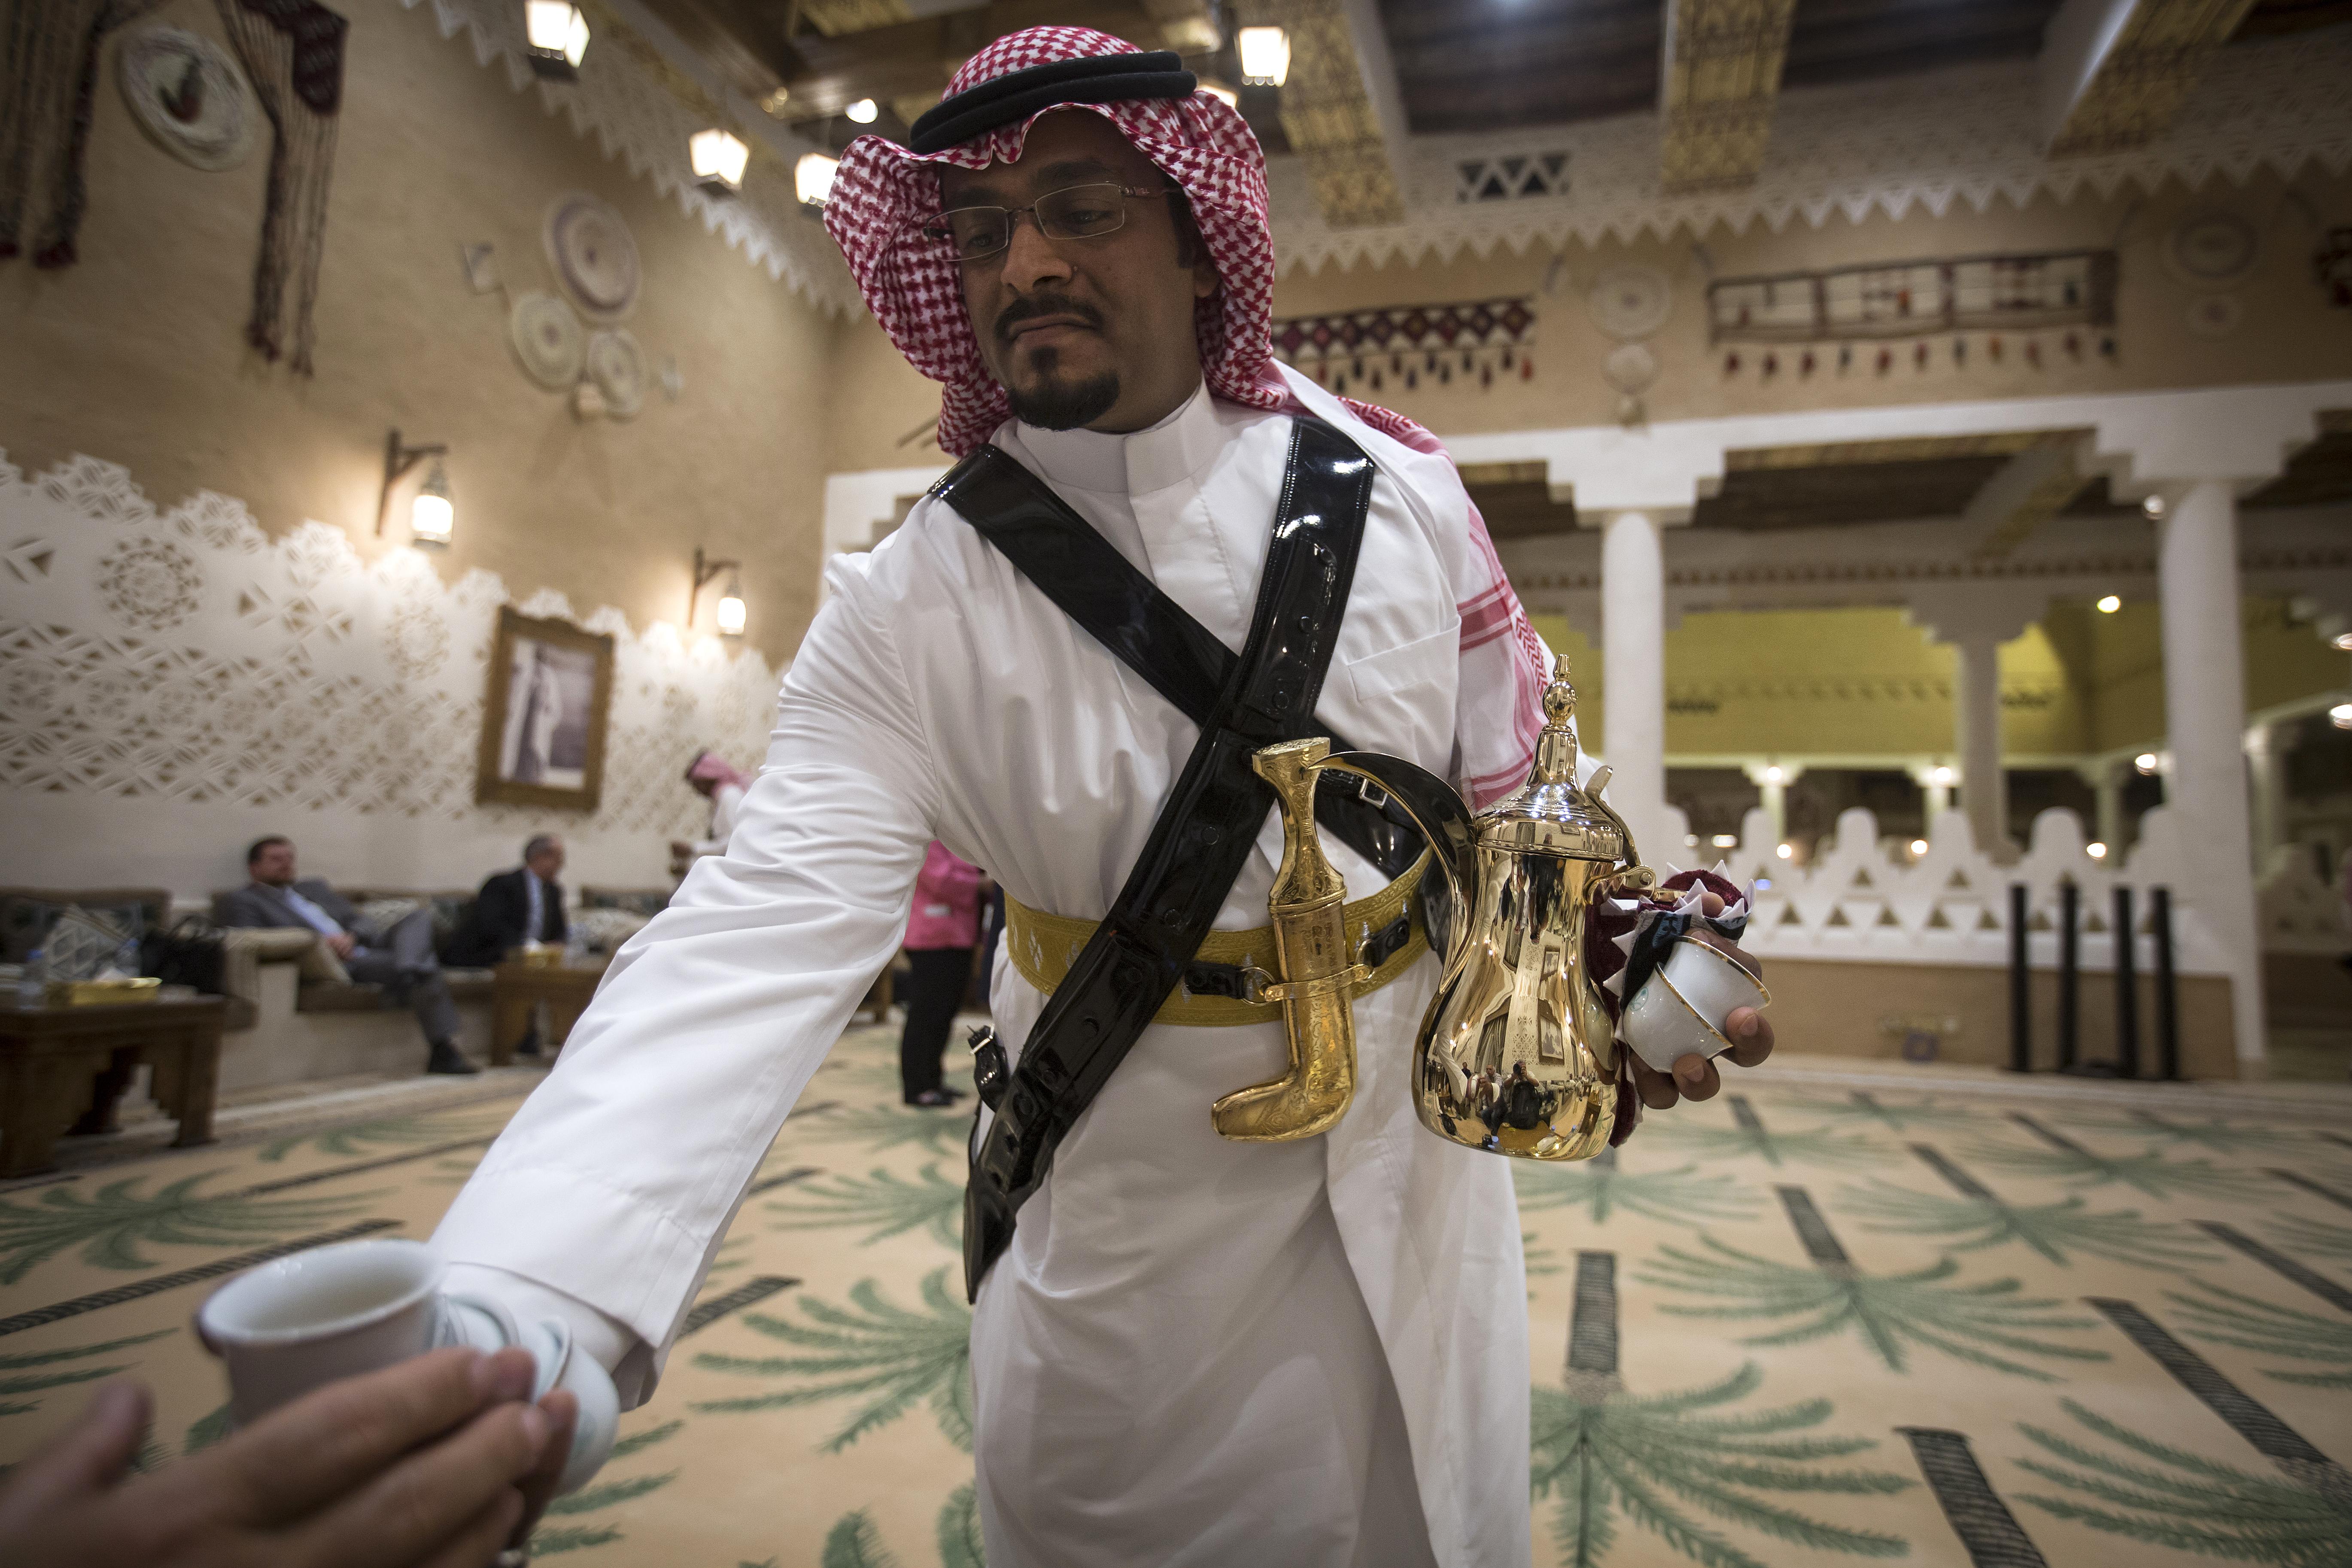 Mostantól Szaúd-Arábiában a vallási rendőrségnek vissza kell fognia magát